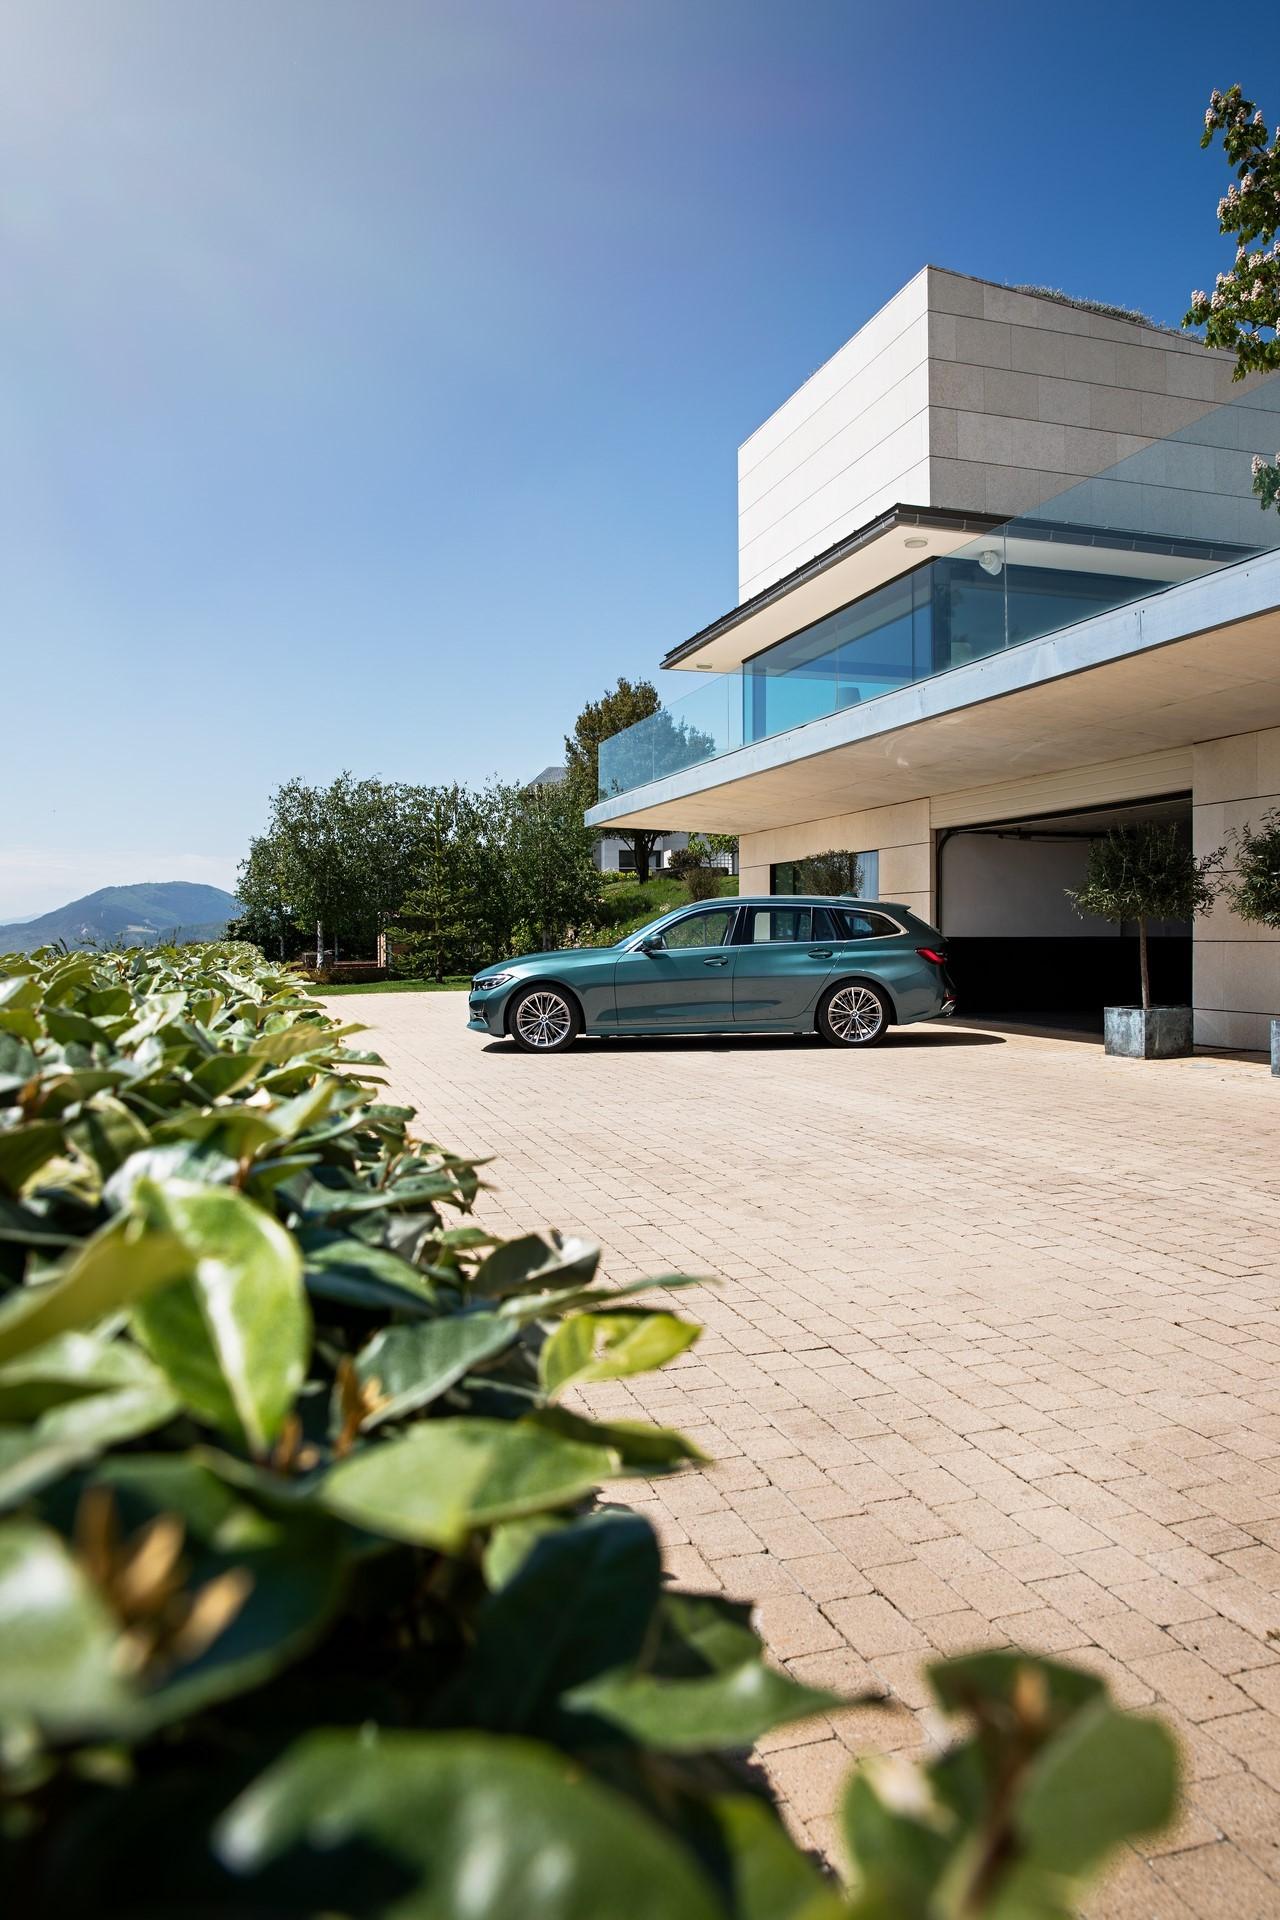 BMW-3-Series-Touring-2019-36